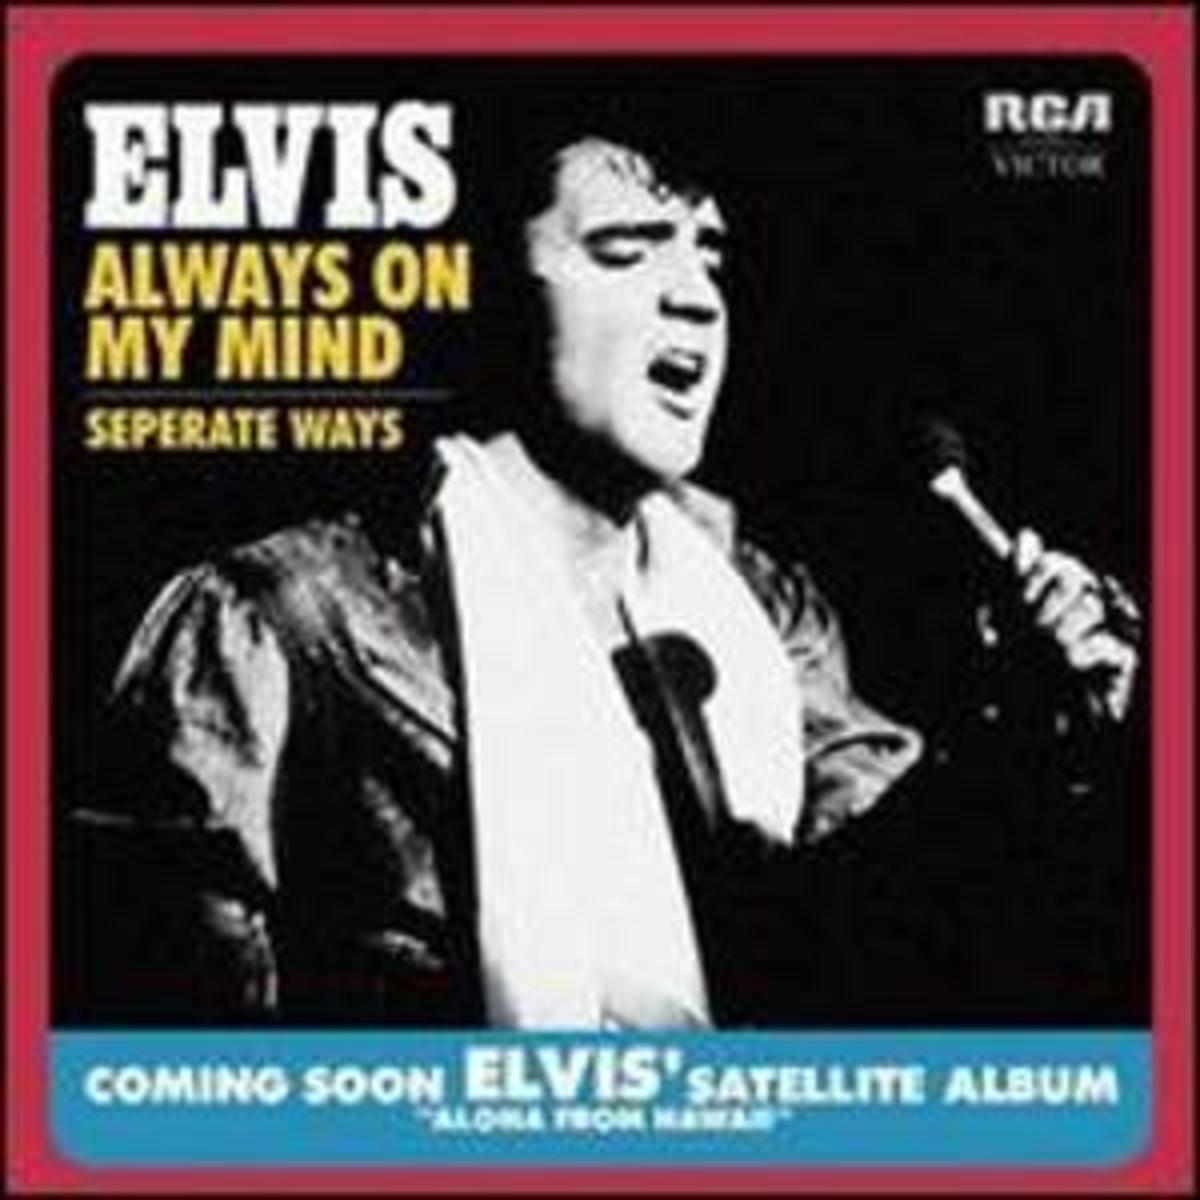 Elvis Presley - 1972 single